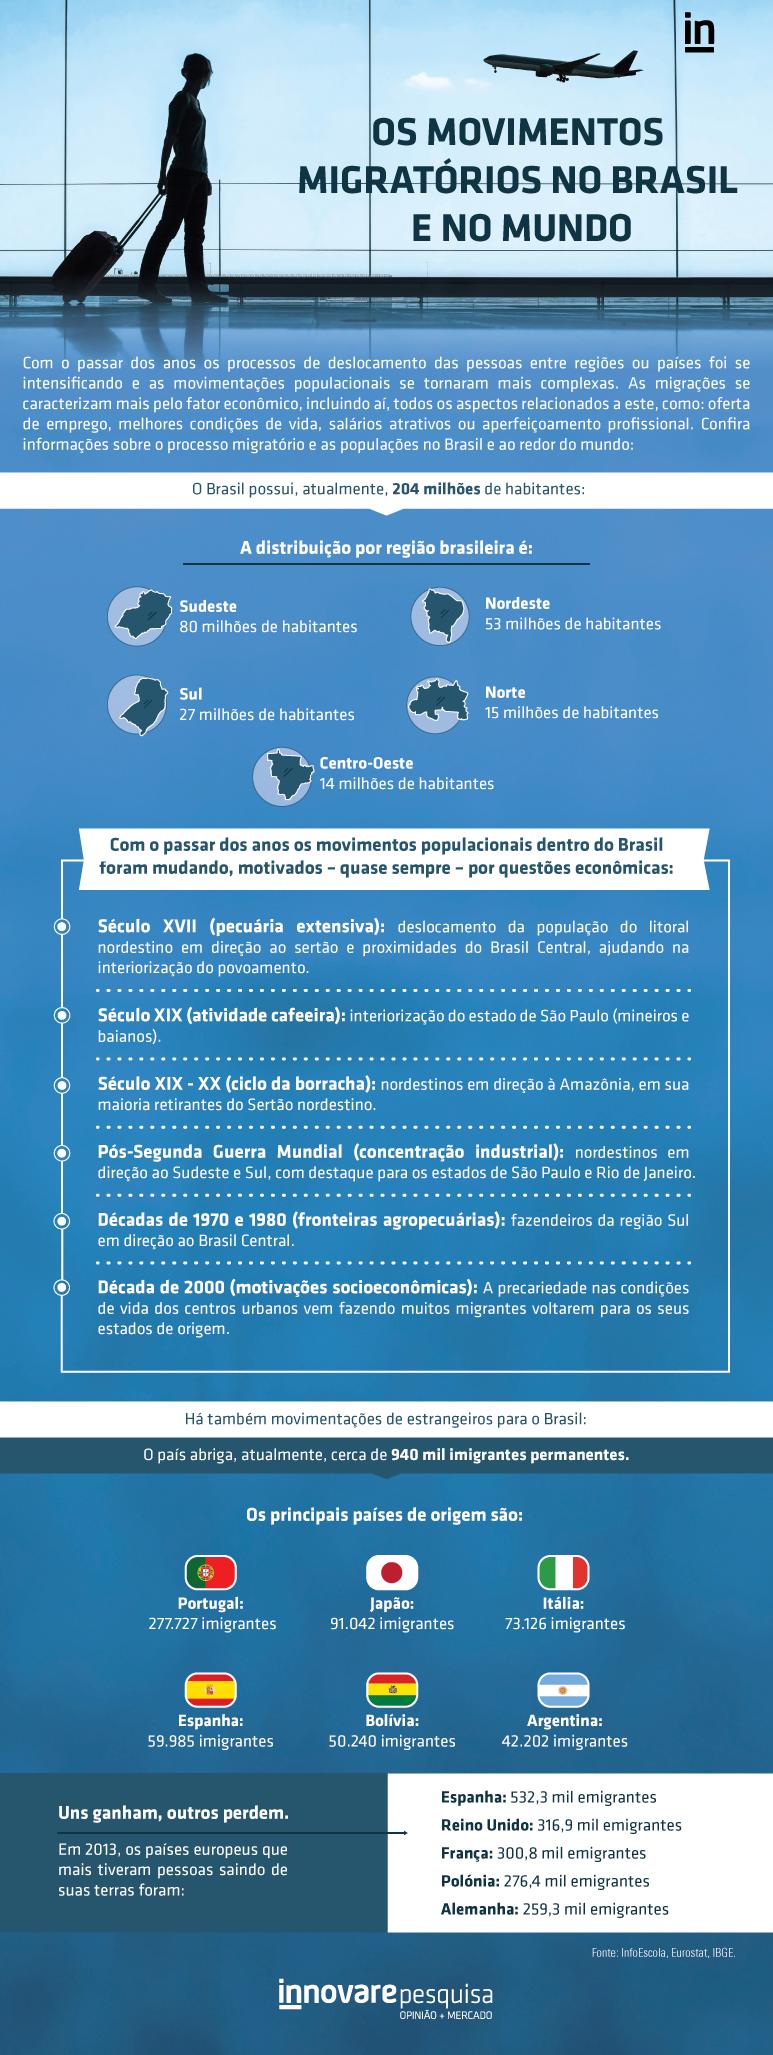 Os-Movimentos-Migratórios-no-Brasil-e-no-Mundo-Alterado